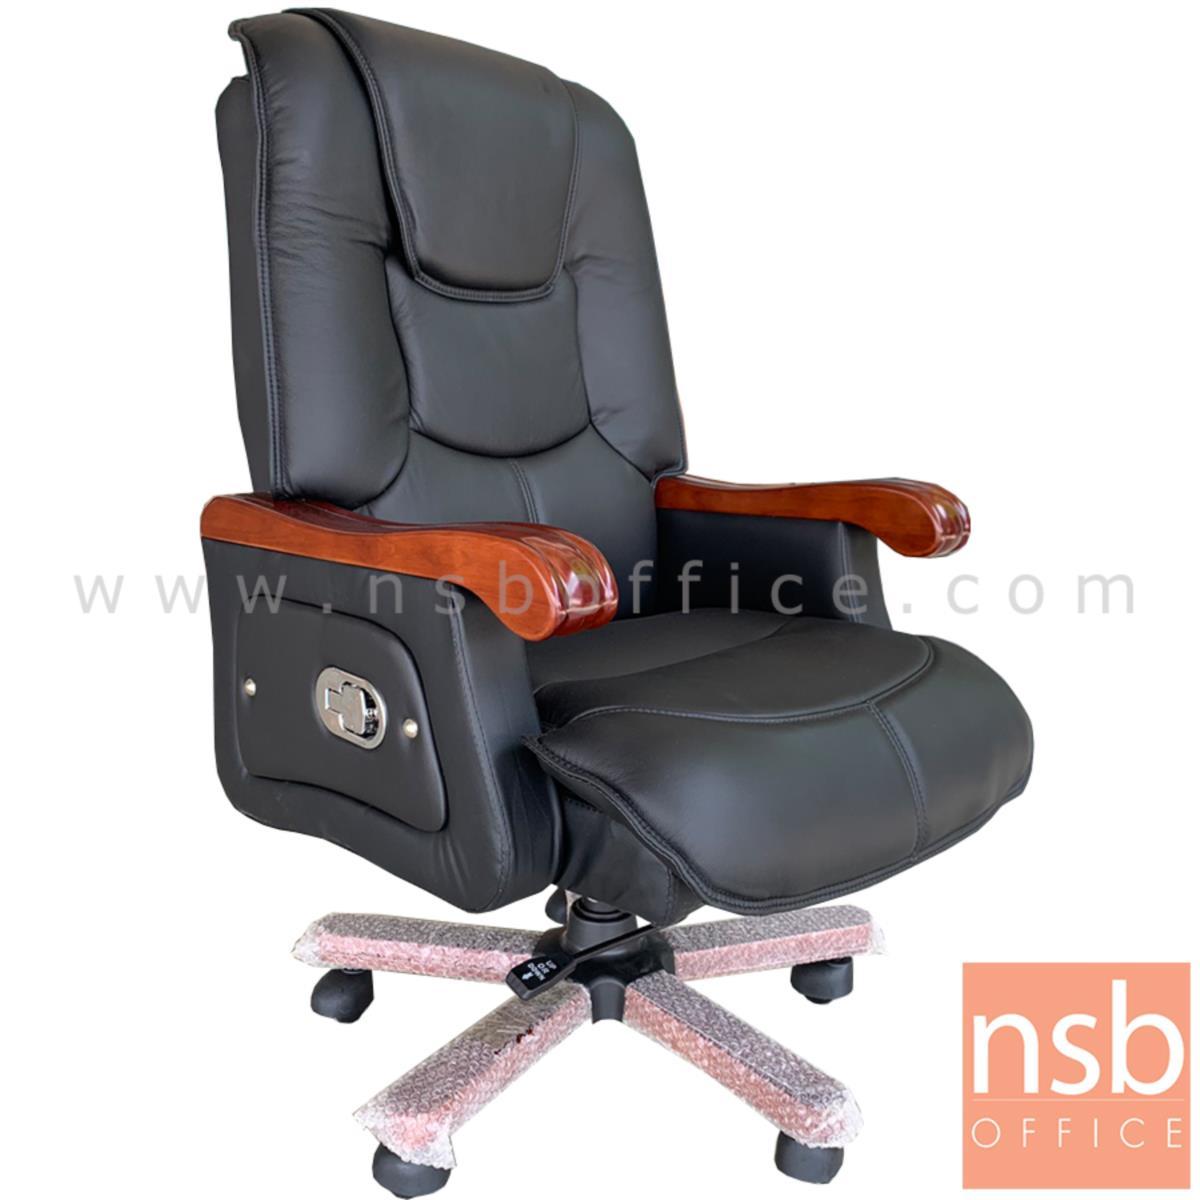 B25A119:เก้าอี้ผู้บริหารหนังแท้ ปรับระดับการเอนได้ รุ่น Hathaway (แฮททาเวย์)  แขน-ขาไม้